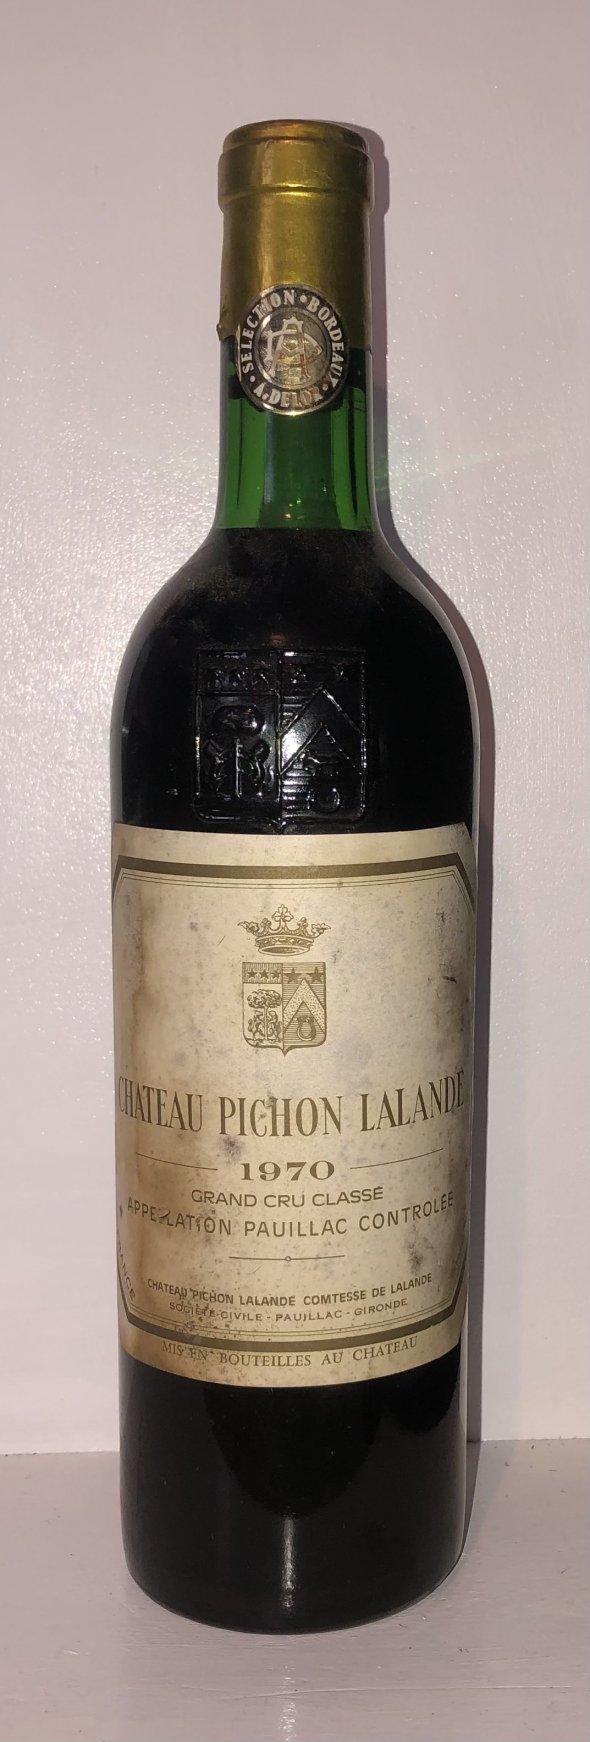 Chateau Pichon Lalande  grand Cru Classe 1970